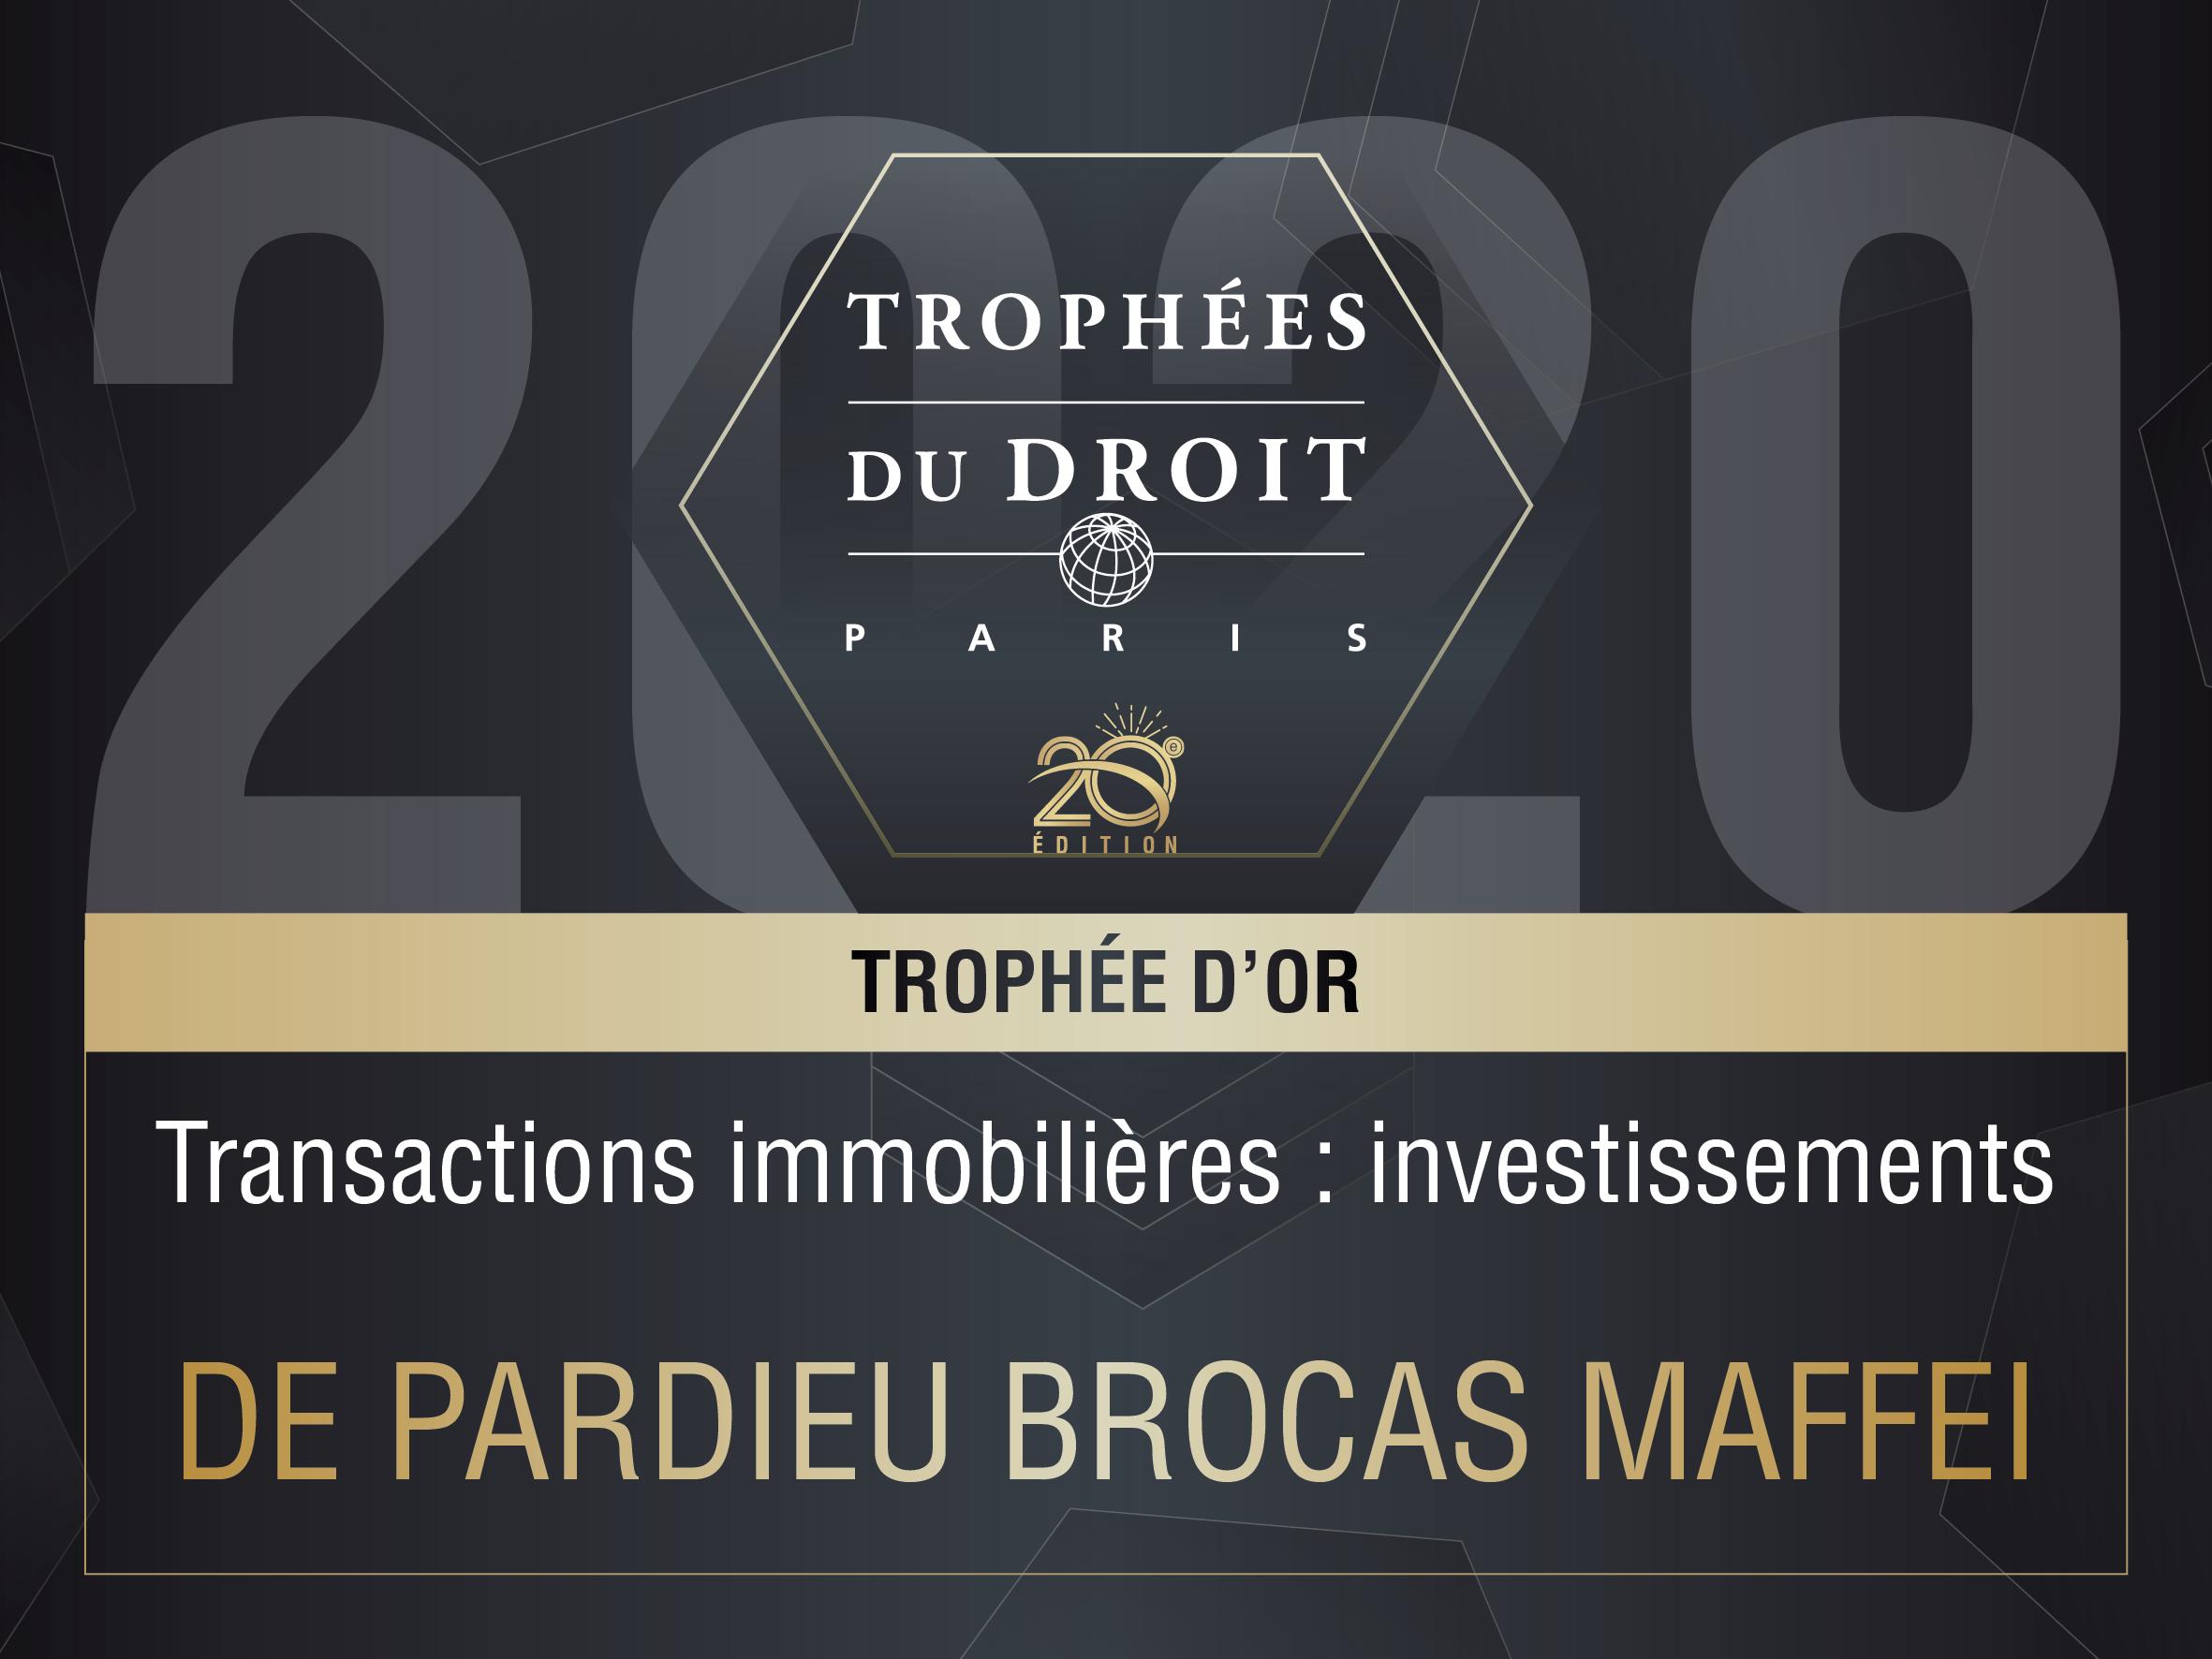 http://www.de-pardieu.com/wp-content/uploads/2020/02/Trophee-2020-IMMO-or.png